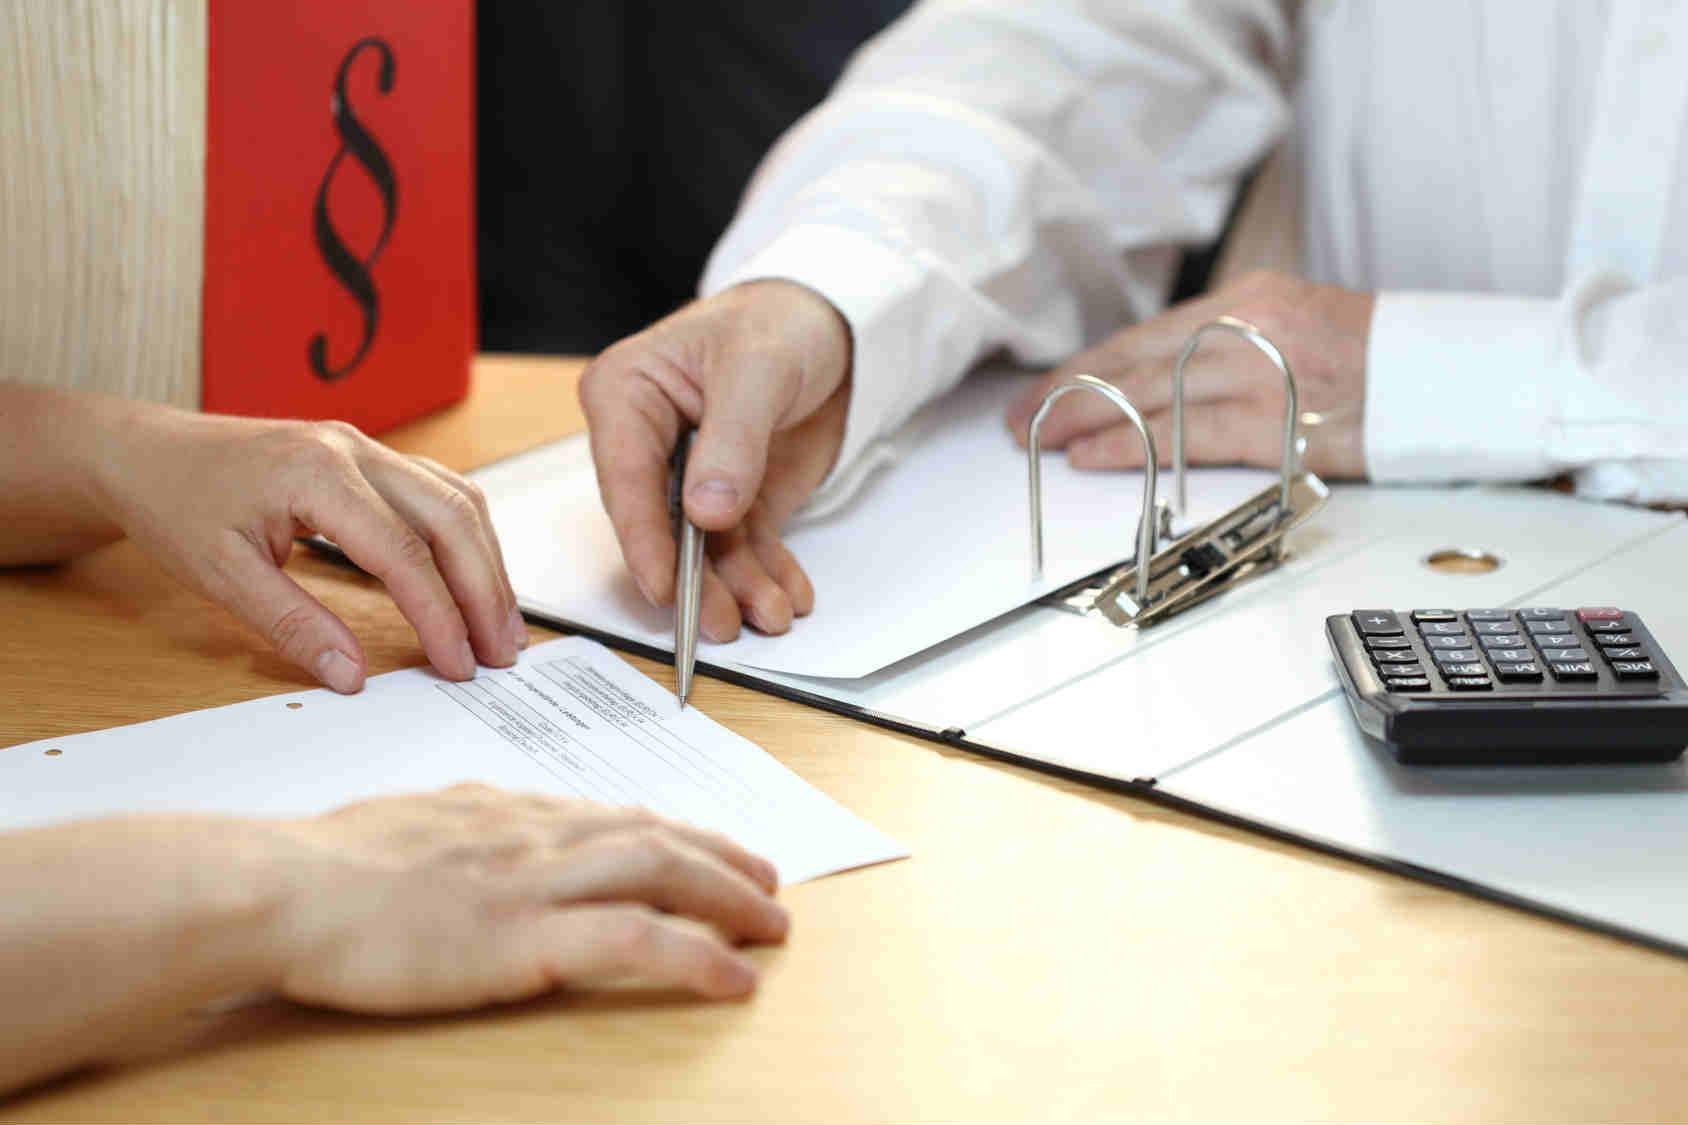 Как себя вести чтобы получить кредит где взять потребительский кредит без проблем